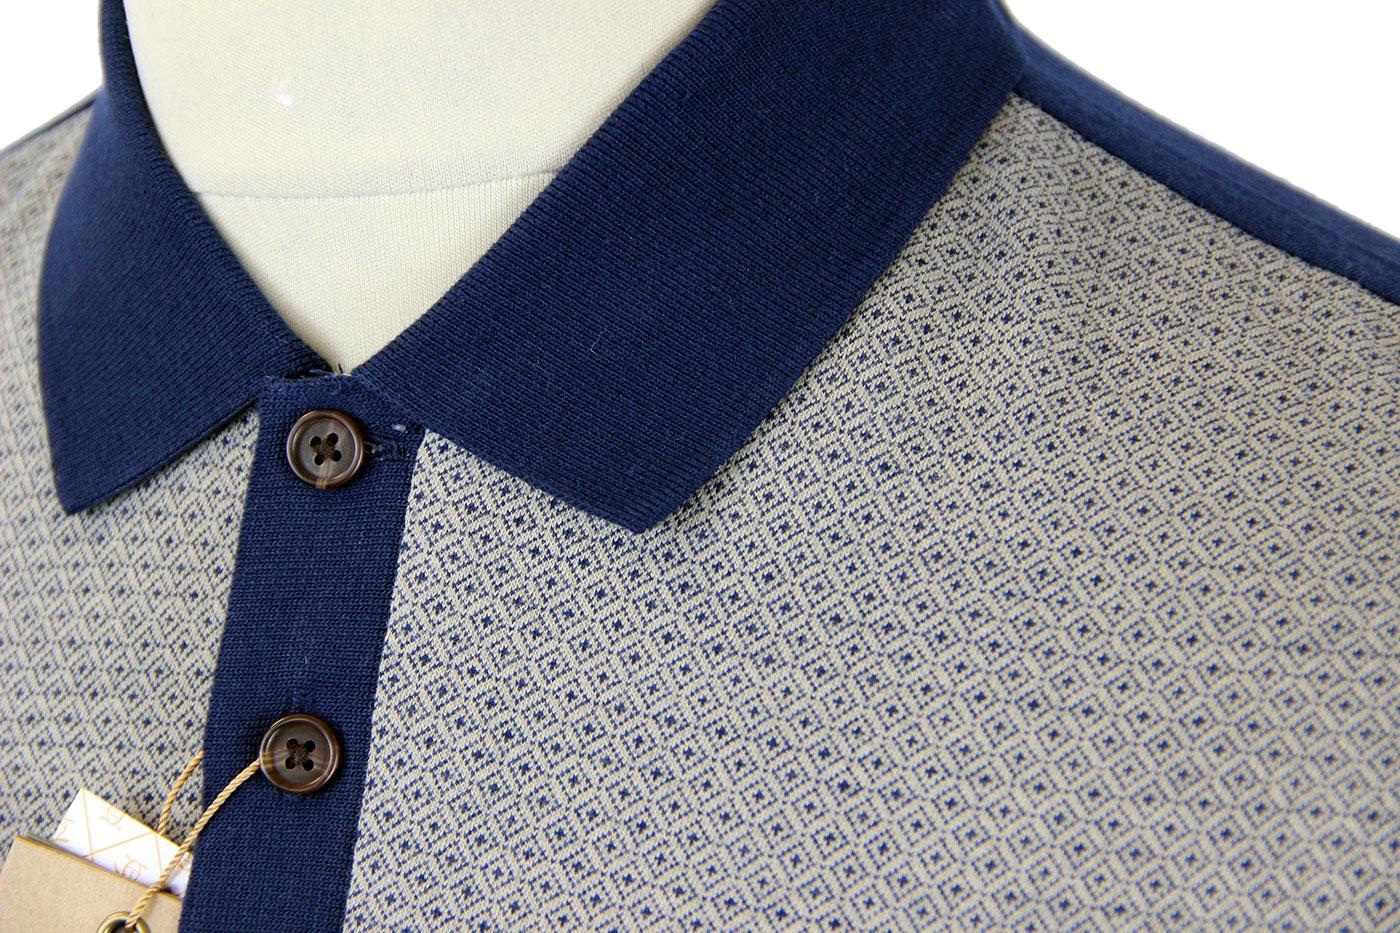 1104e503 ORIGINAL PENGUIN Prant Retro 60s Mod Diamond Jacquard Polo Blue